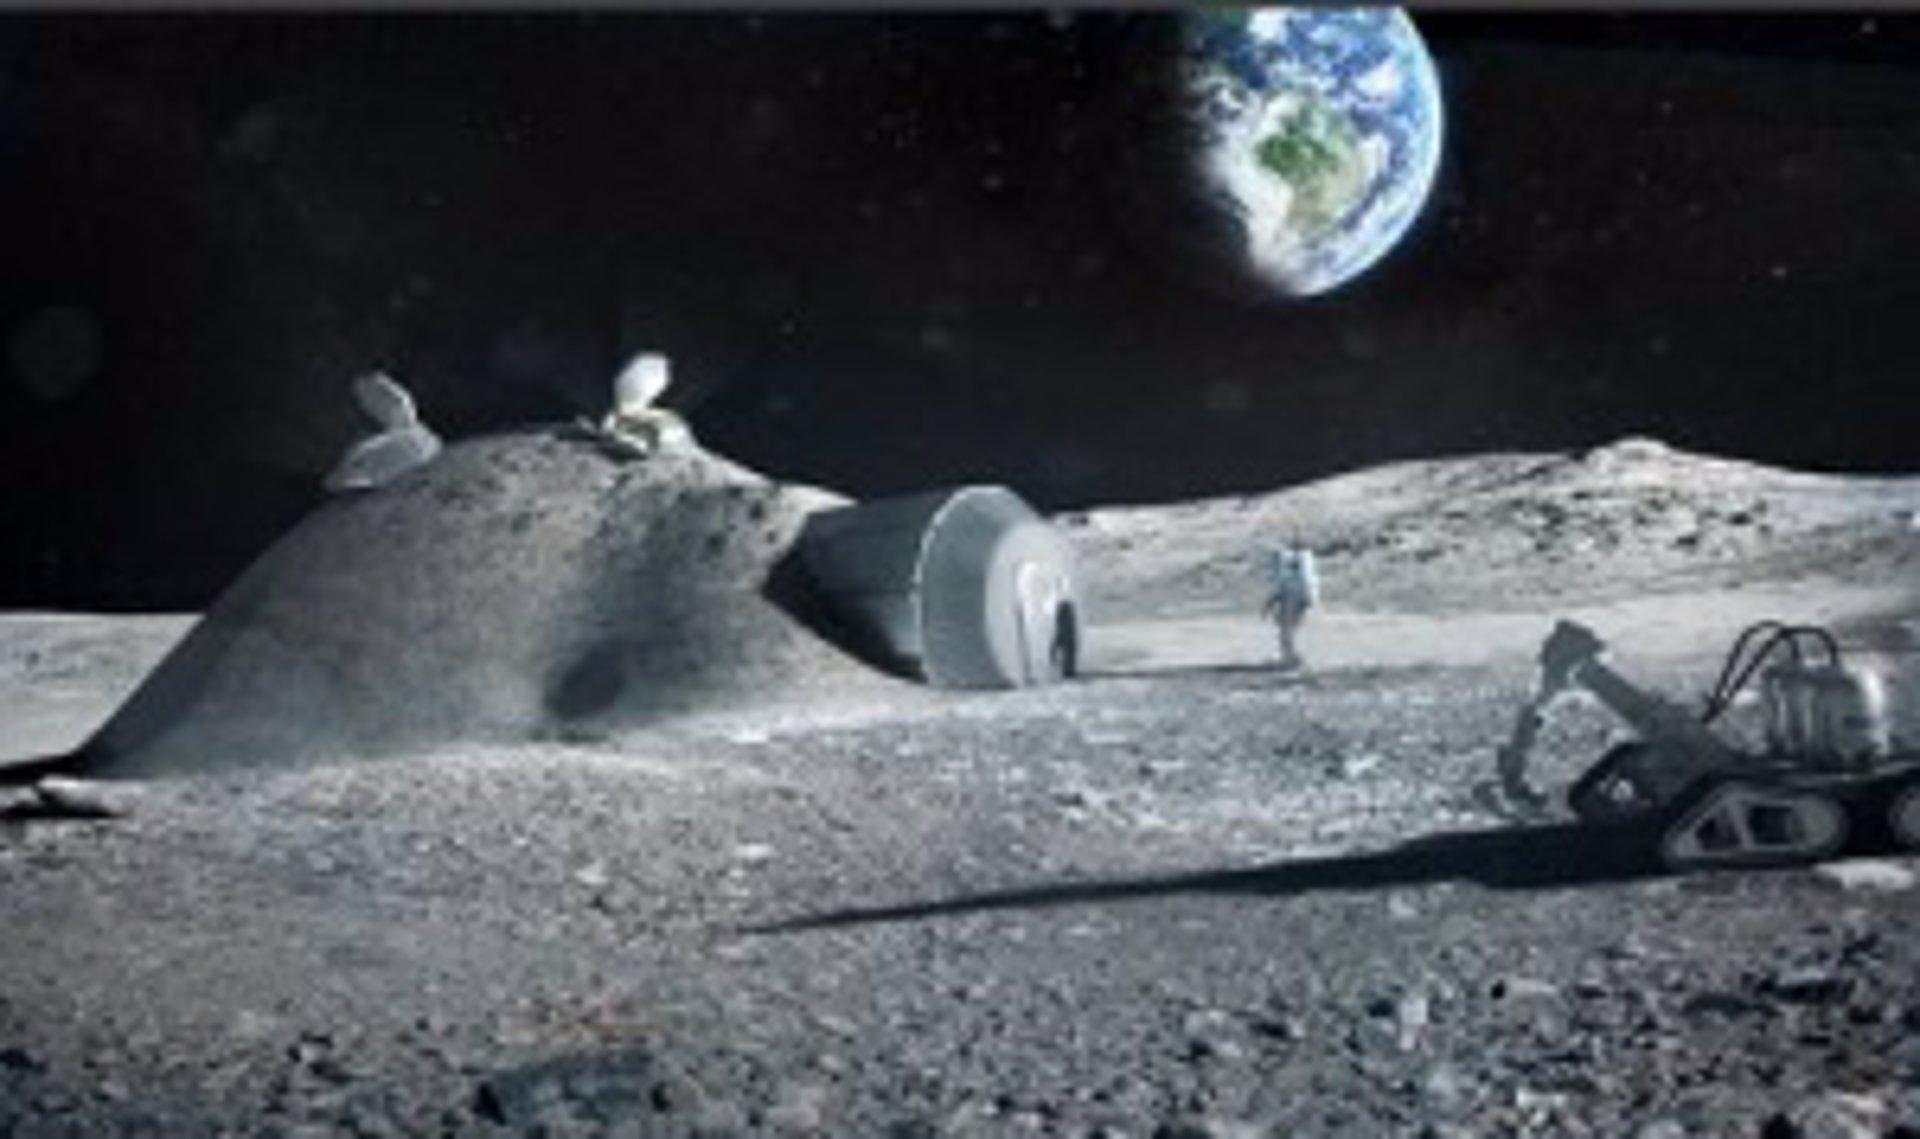 La ESA proyecta construir una base lunar enviando una impresora 3D